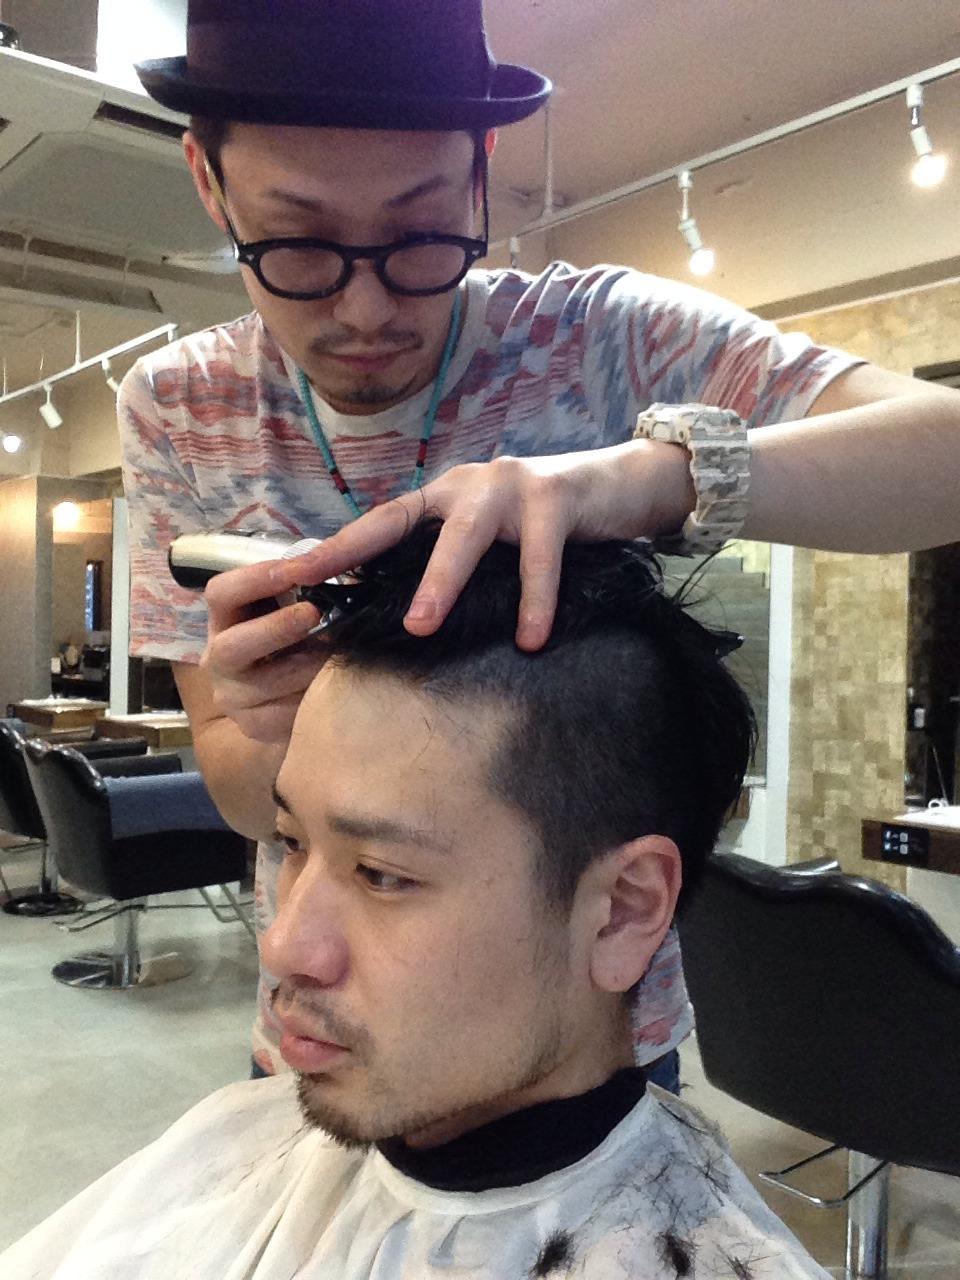 http://www.savian.jp/asset/S__4374677.jpg